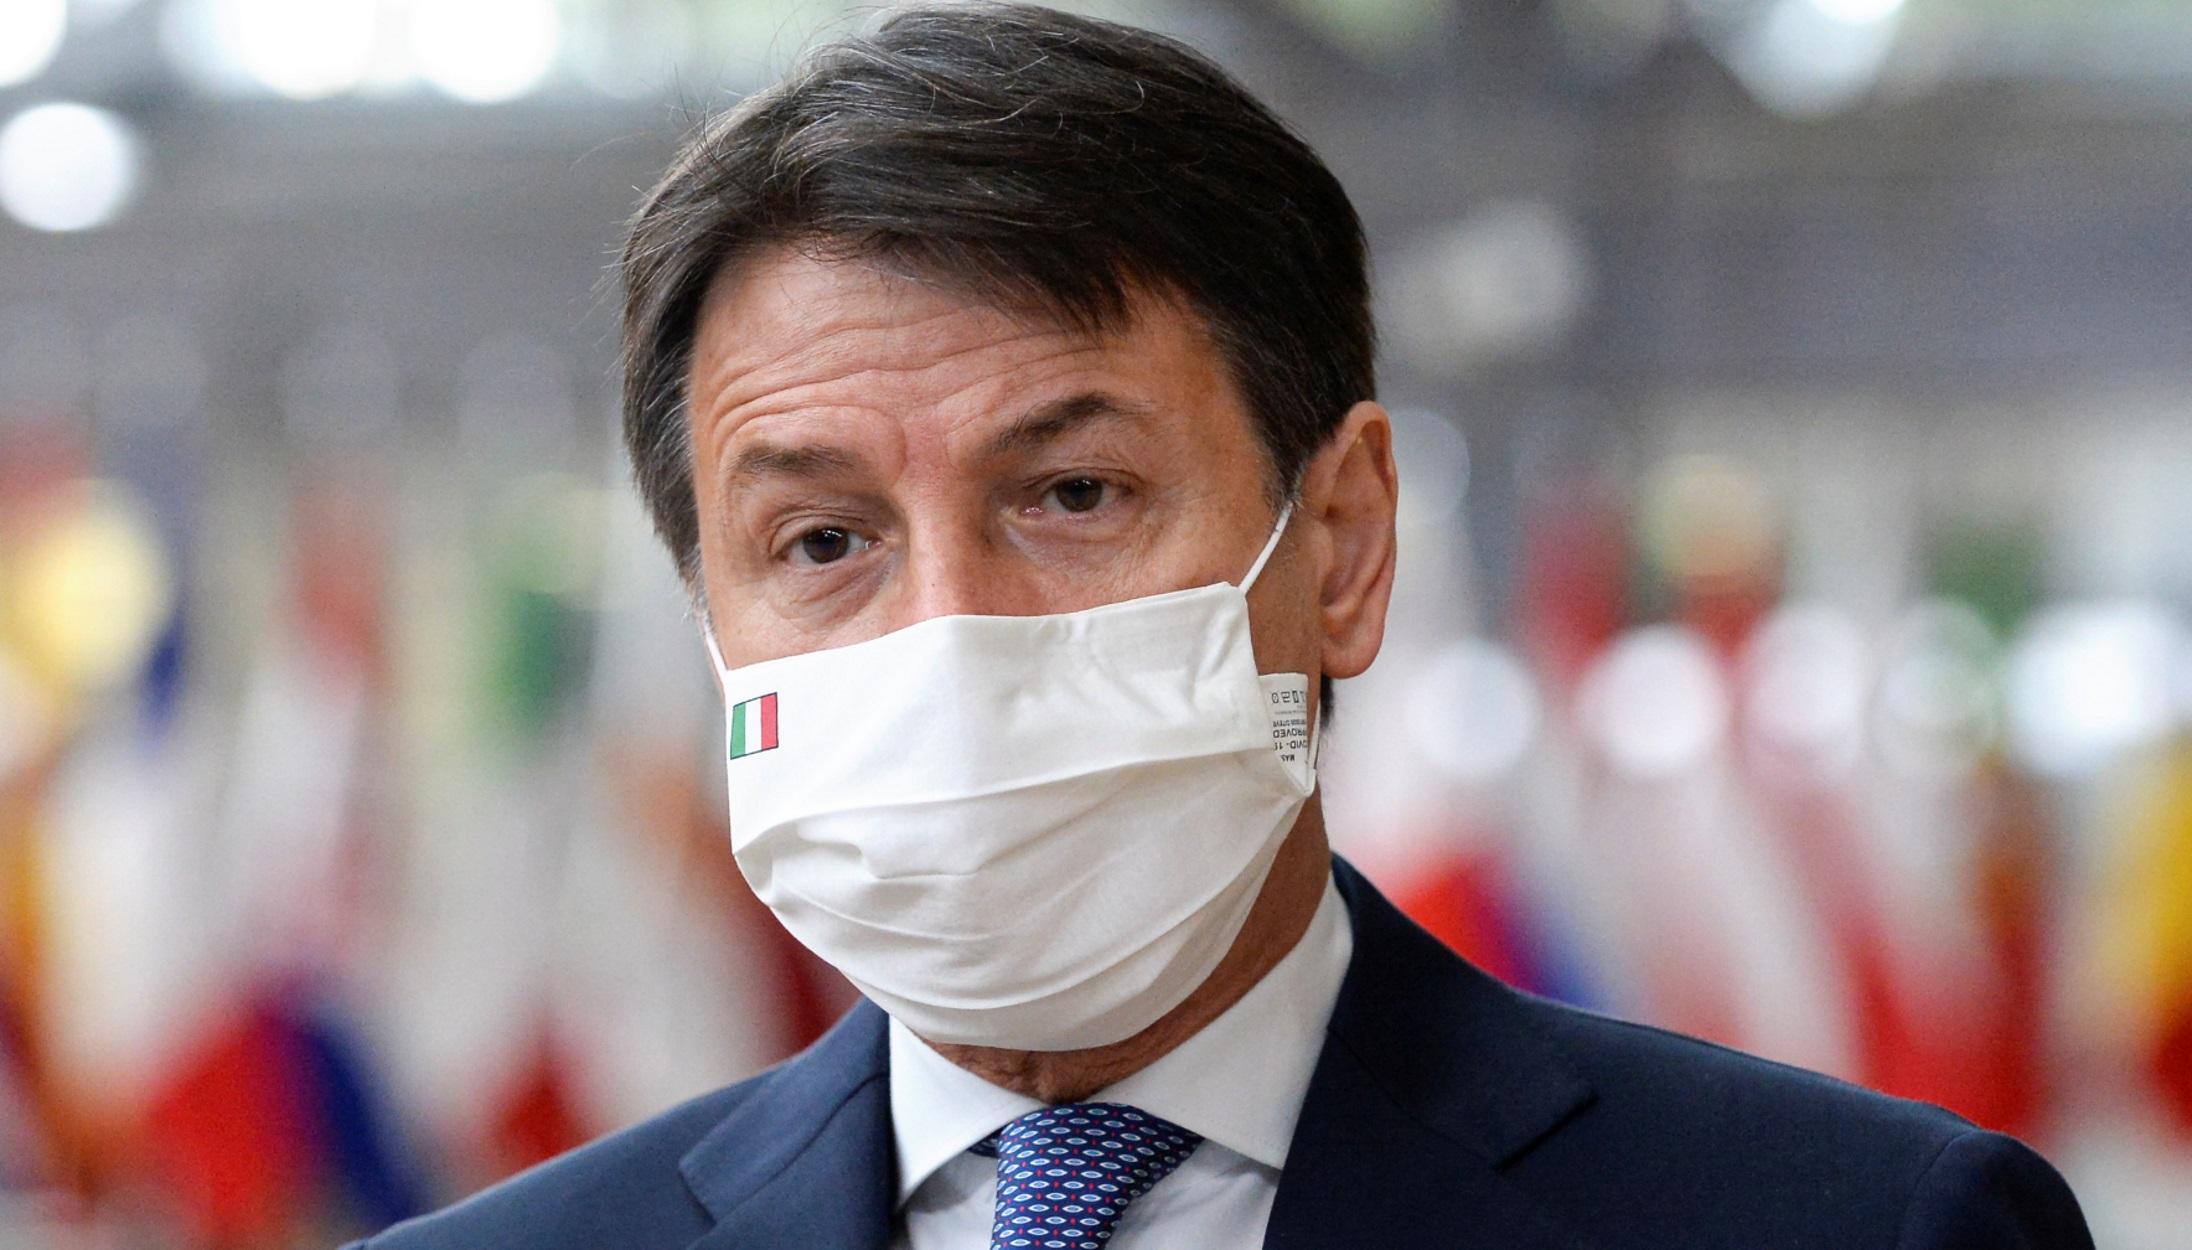 πρωθυπουργός της Ιταλίας Τζιουζέπε Κόντε